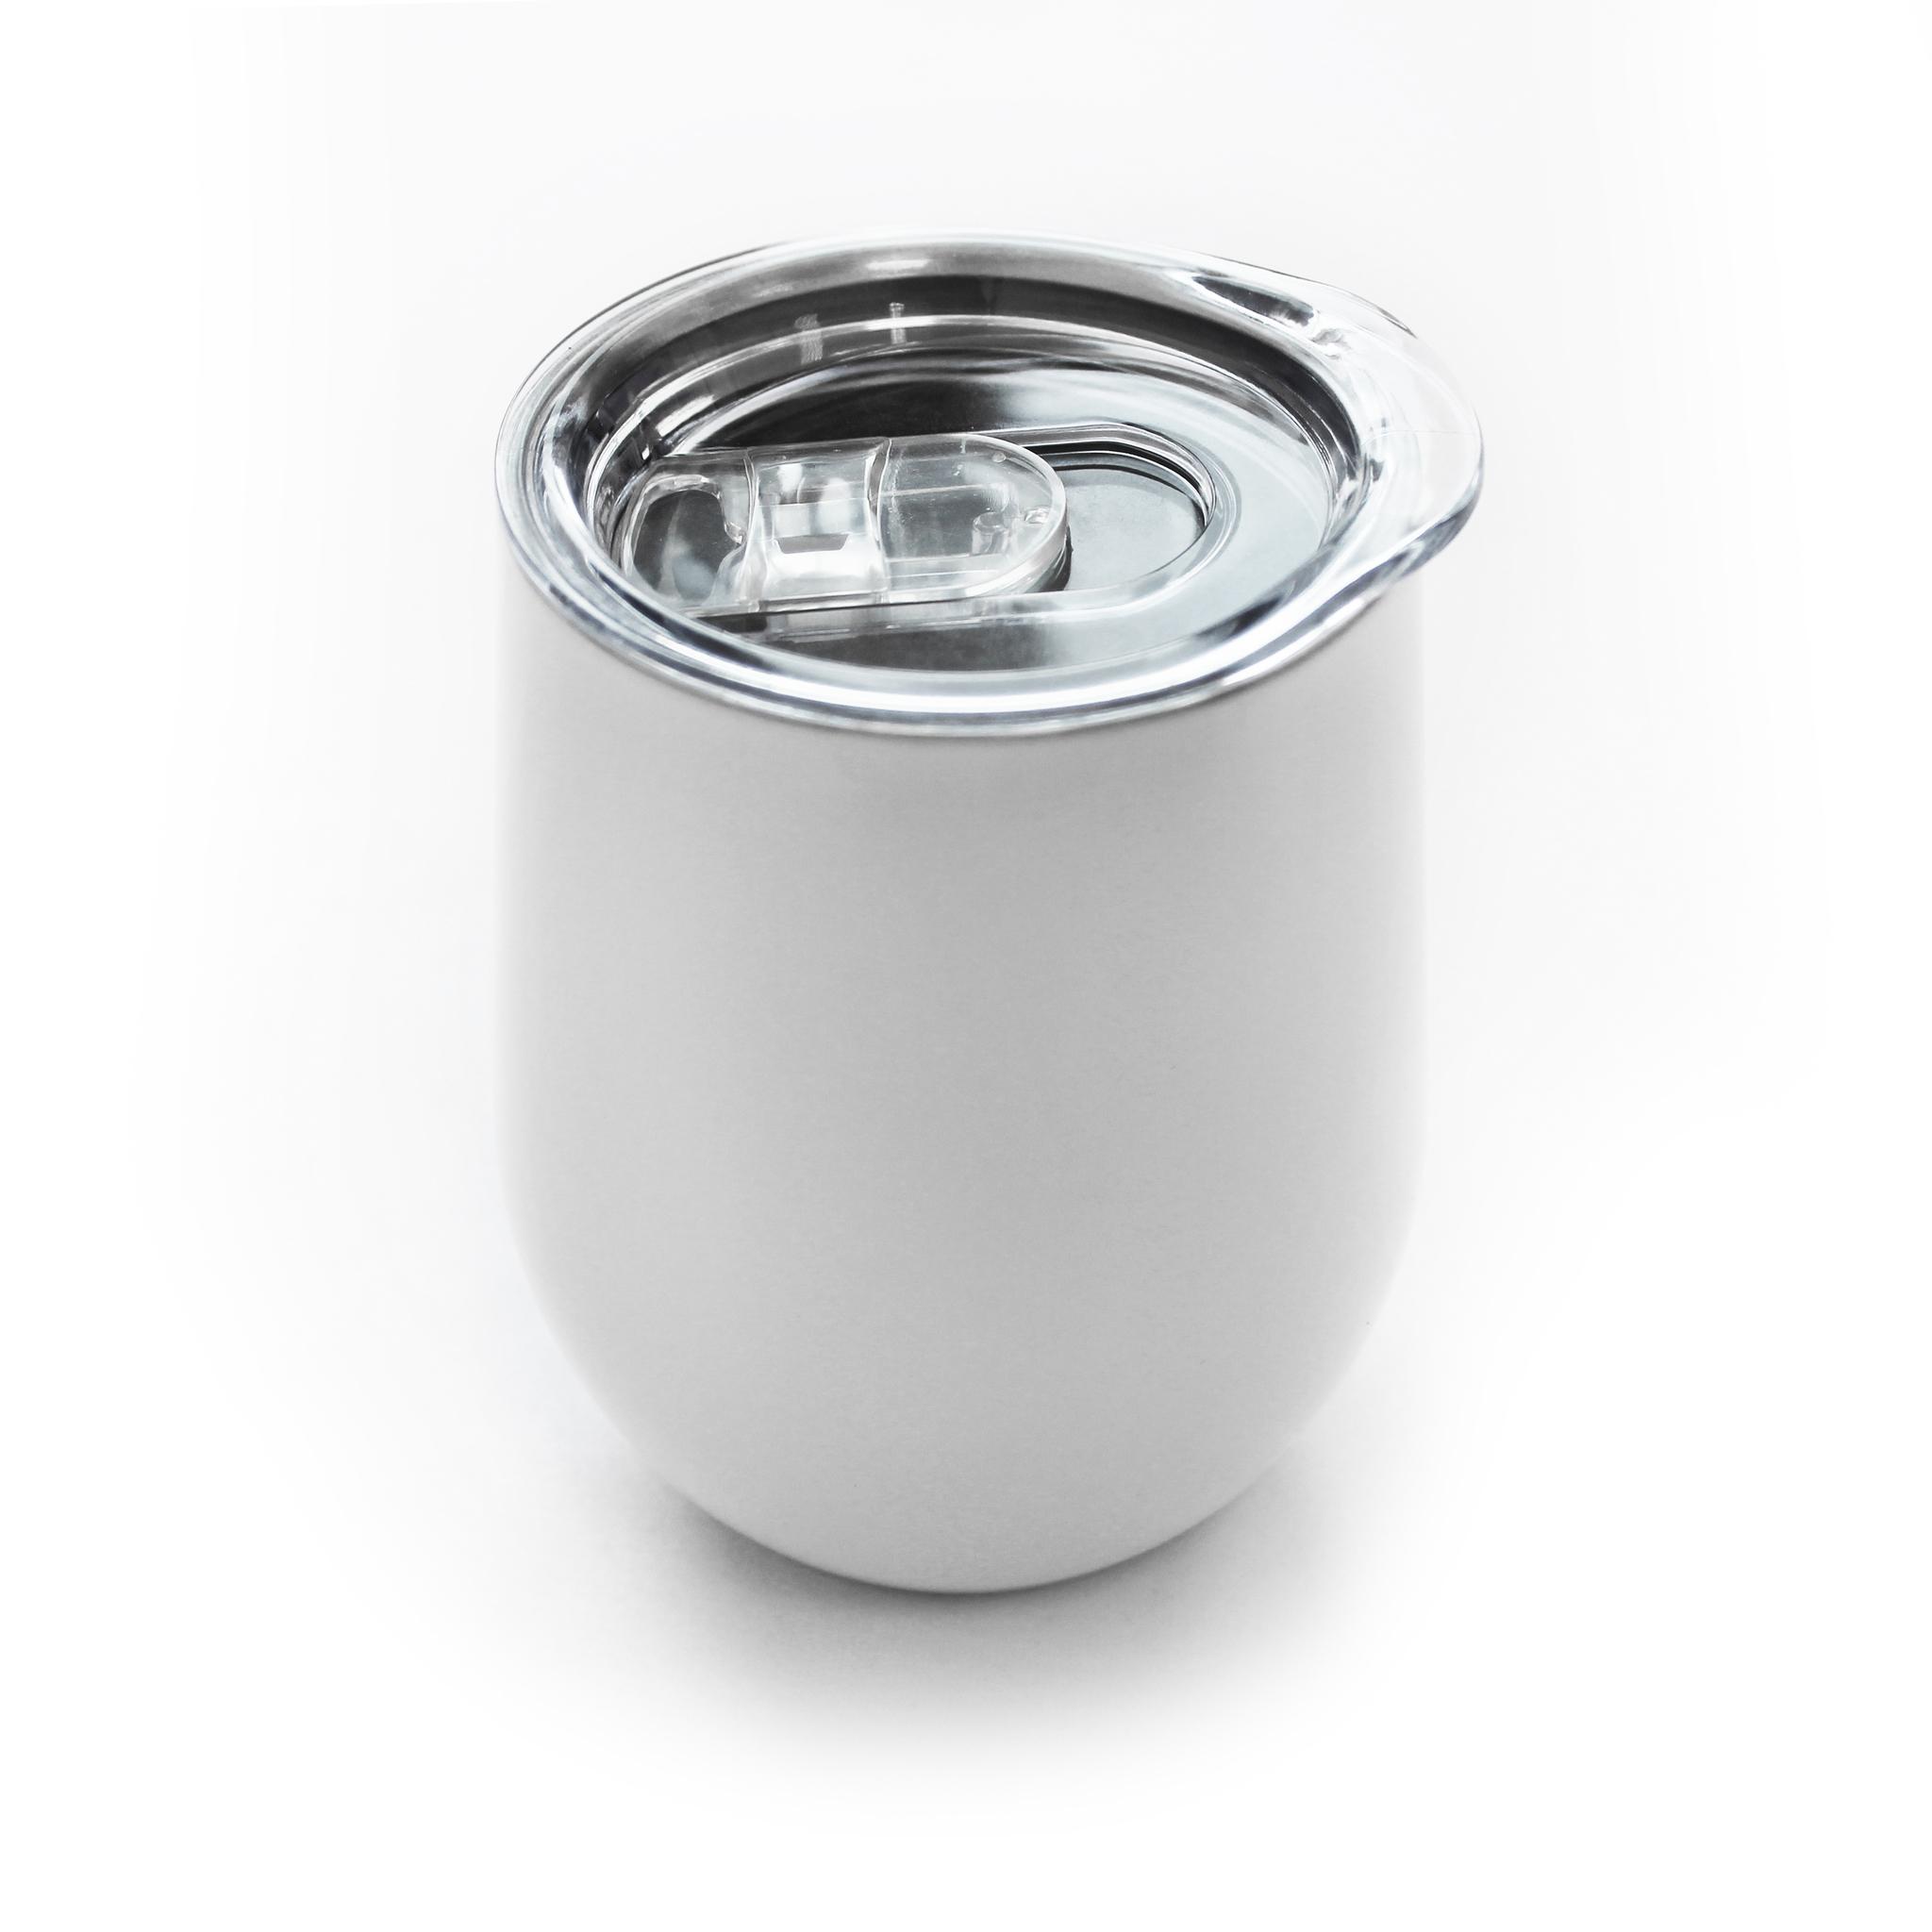 Крышка для кофера (Cofer) 12 oz с клапаном, прозрачная